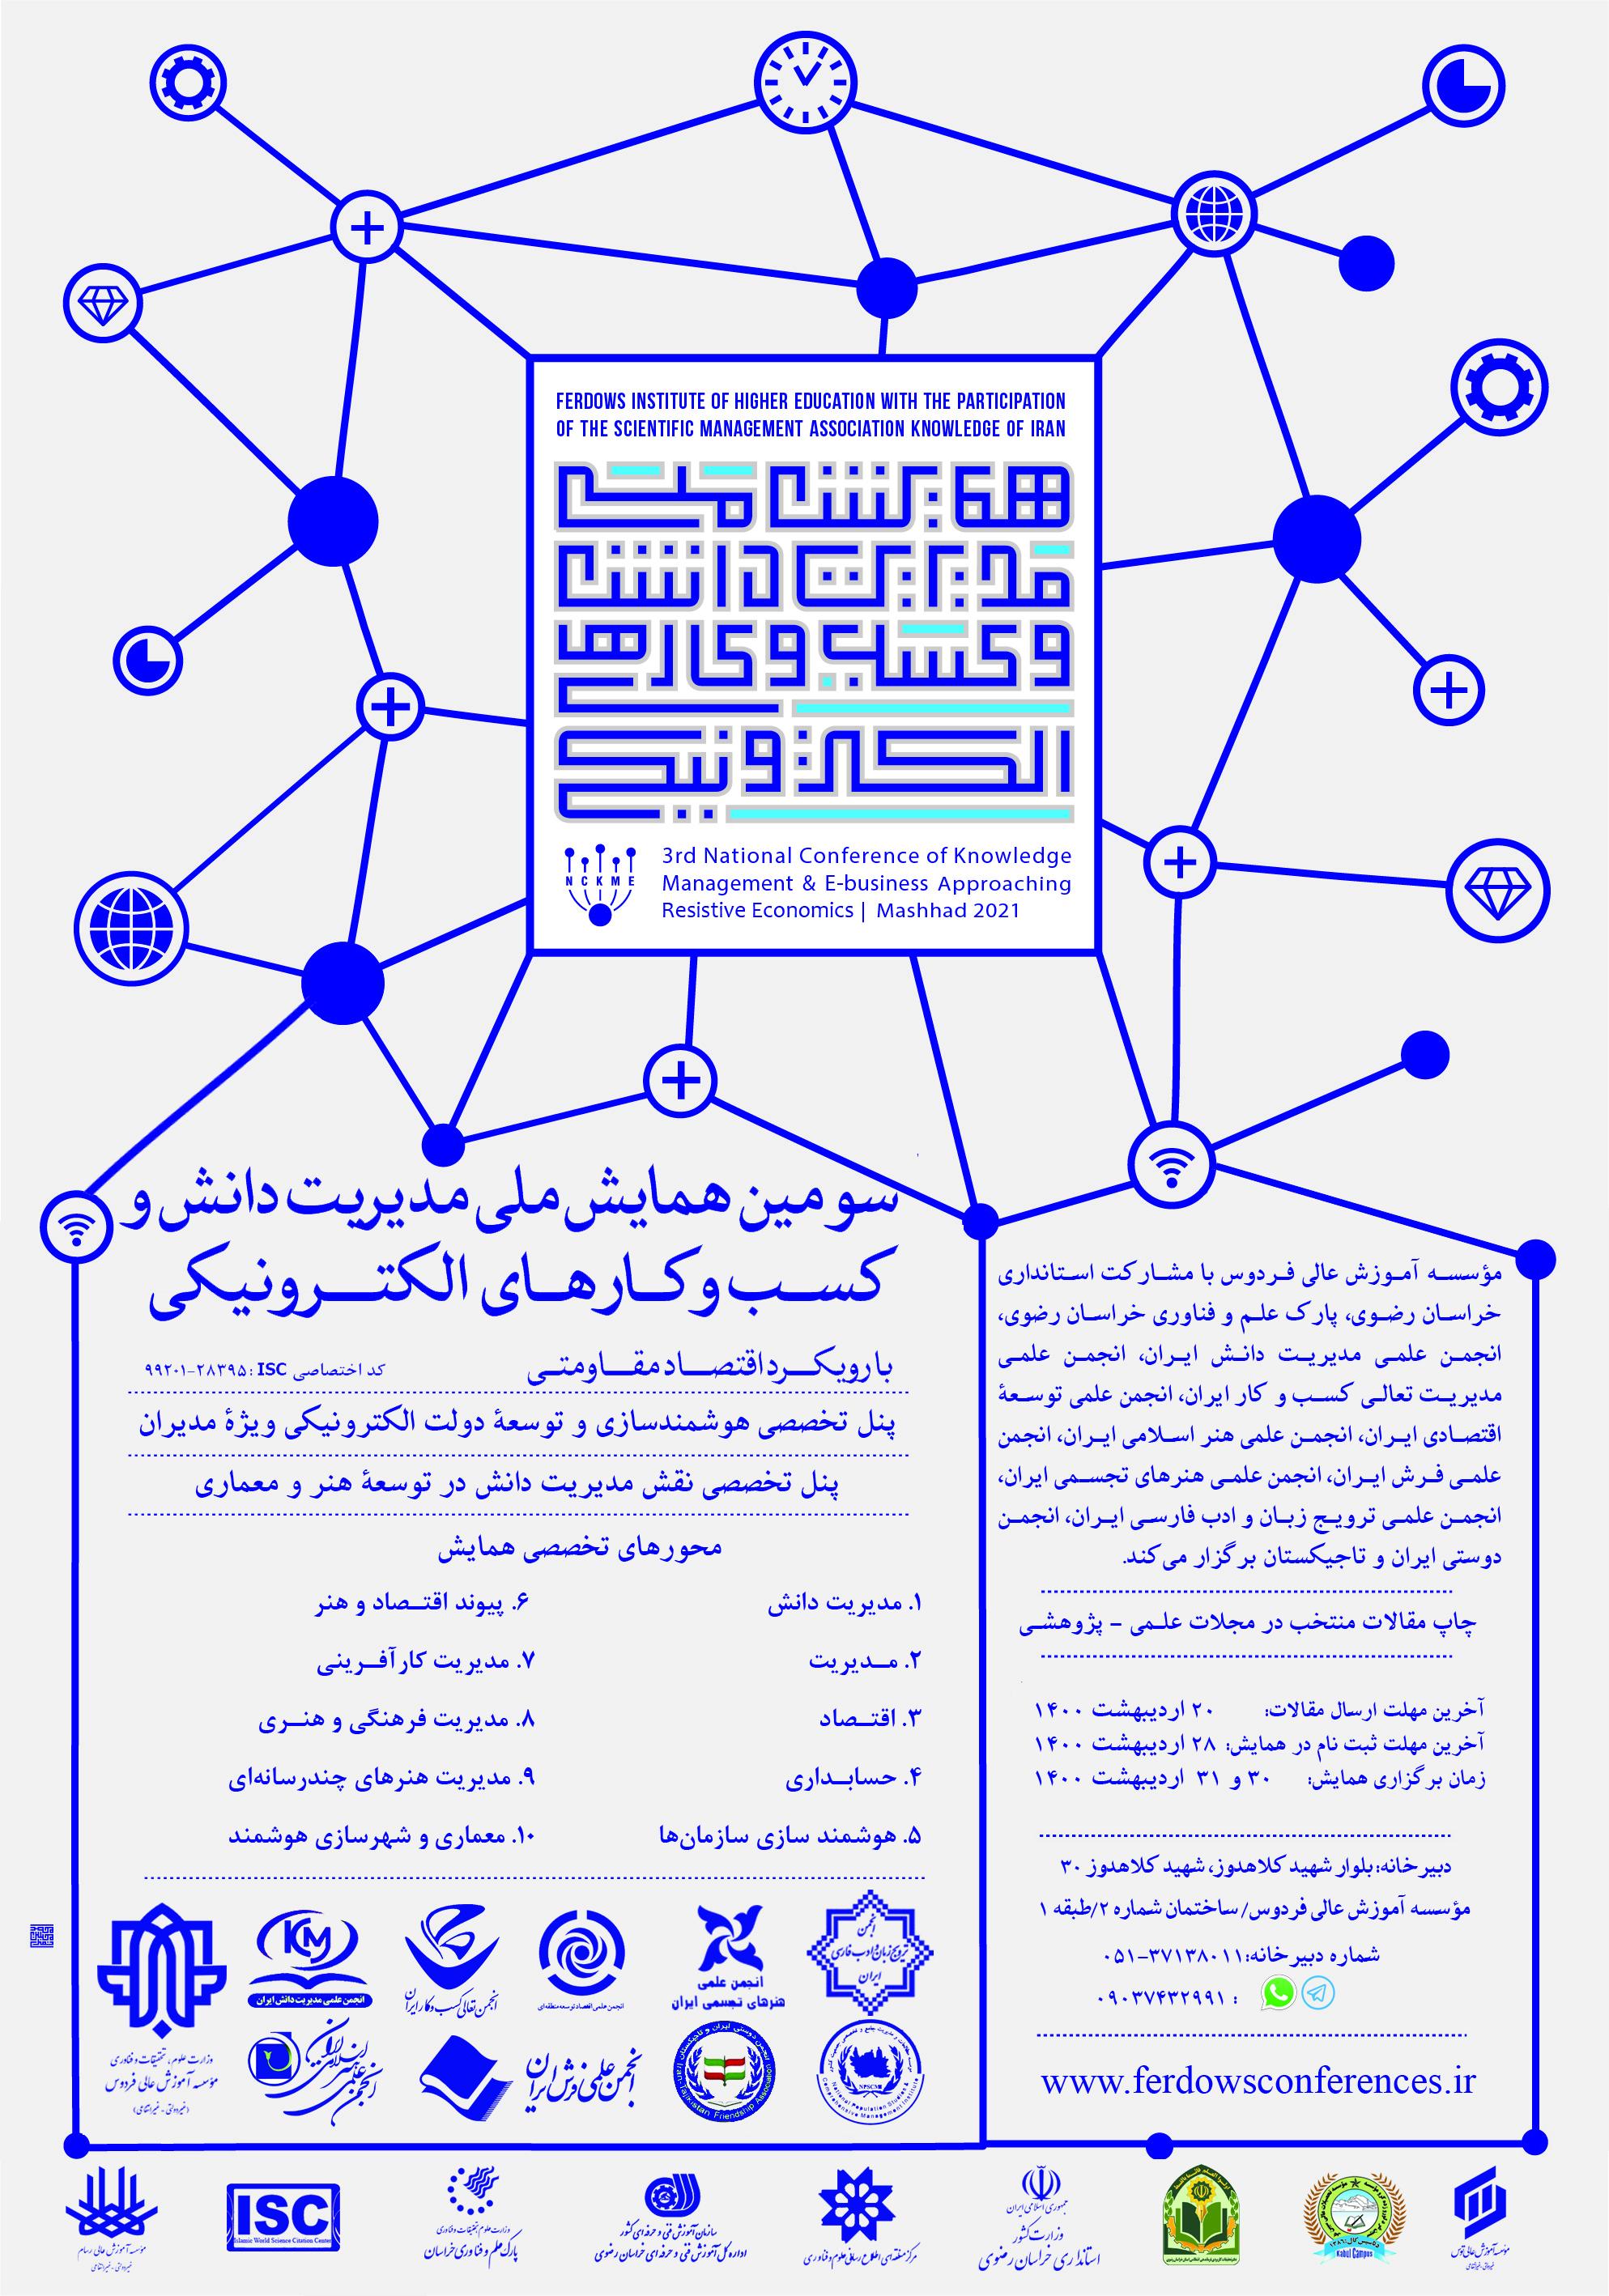 سومین همایش ملی مدیریت دانش و کسب وکارهای الکترونیکی با رویکرد اقتصاد مقاومتی